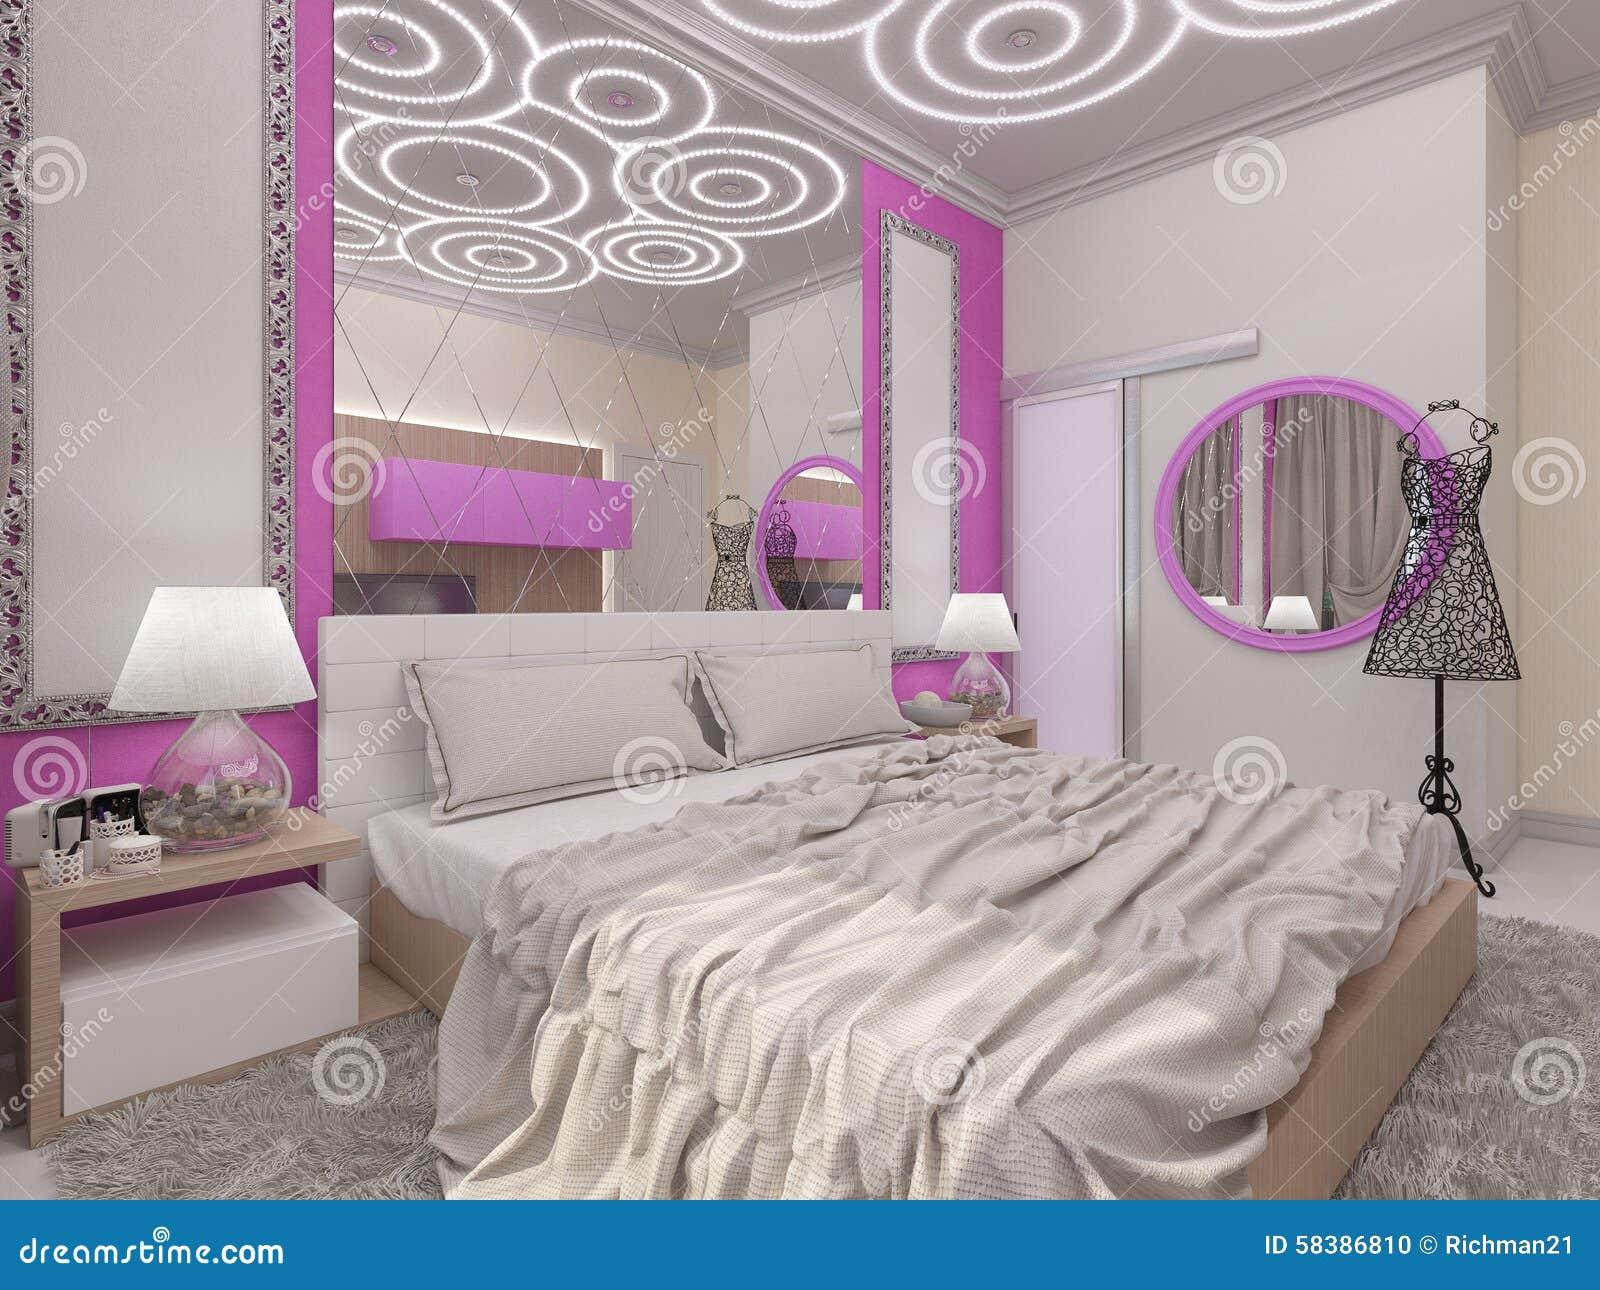 Stanza Da Letto Ragazza : Illustrazione d di una camera da letto per la ragazza